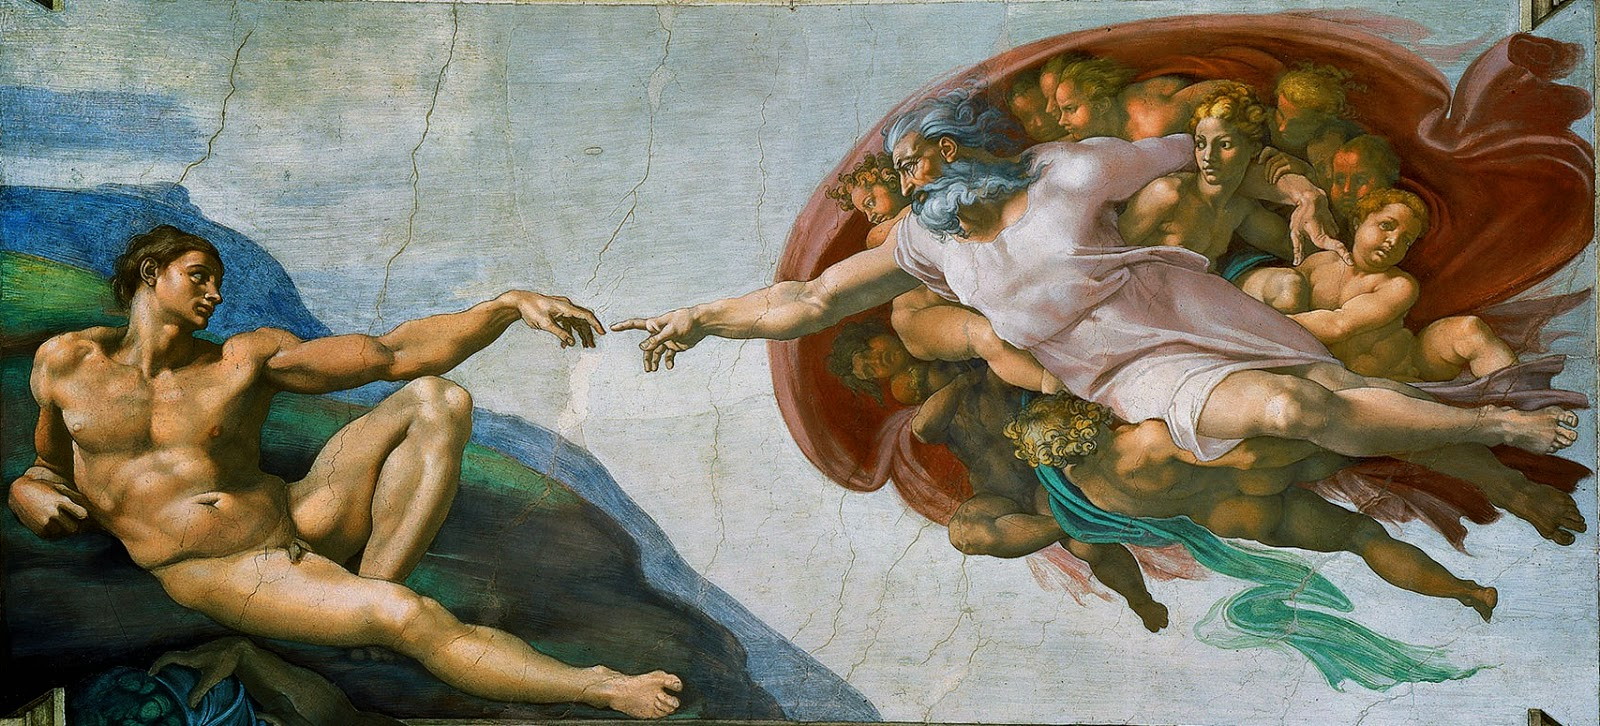 Em Nome de Deus: o imaginário religioso e os sistemas políticos